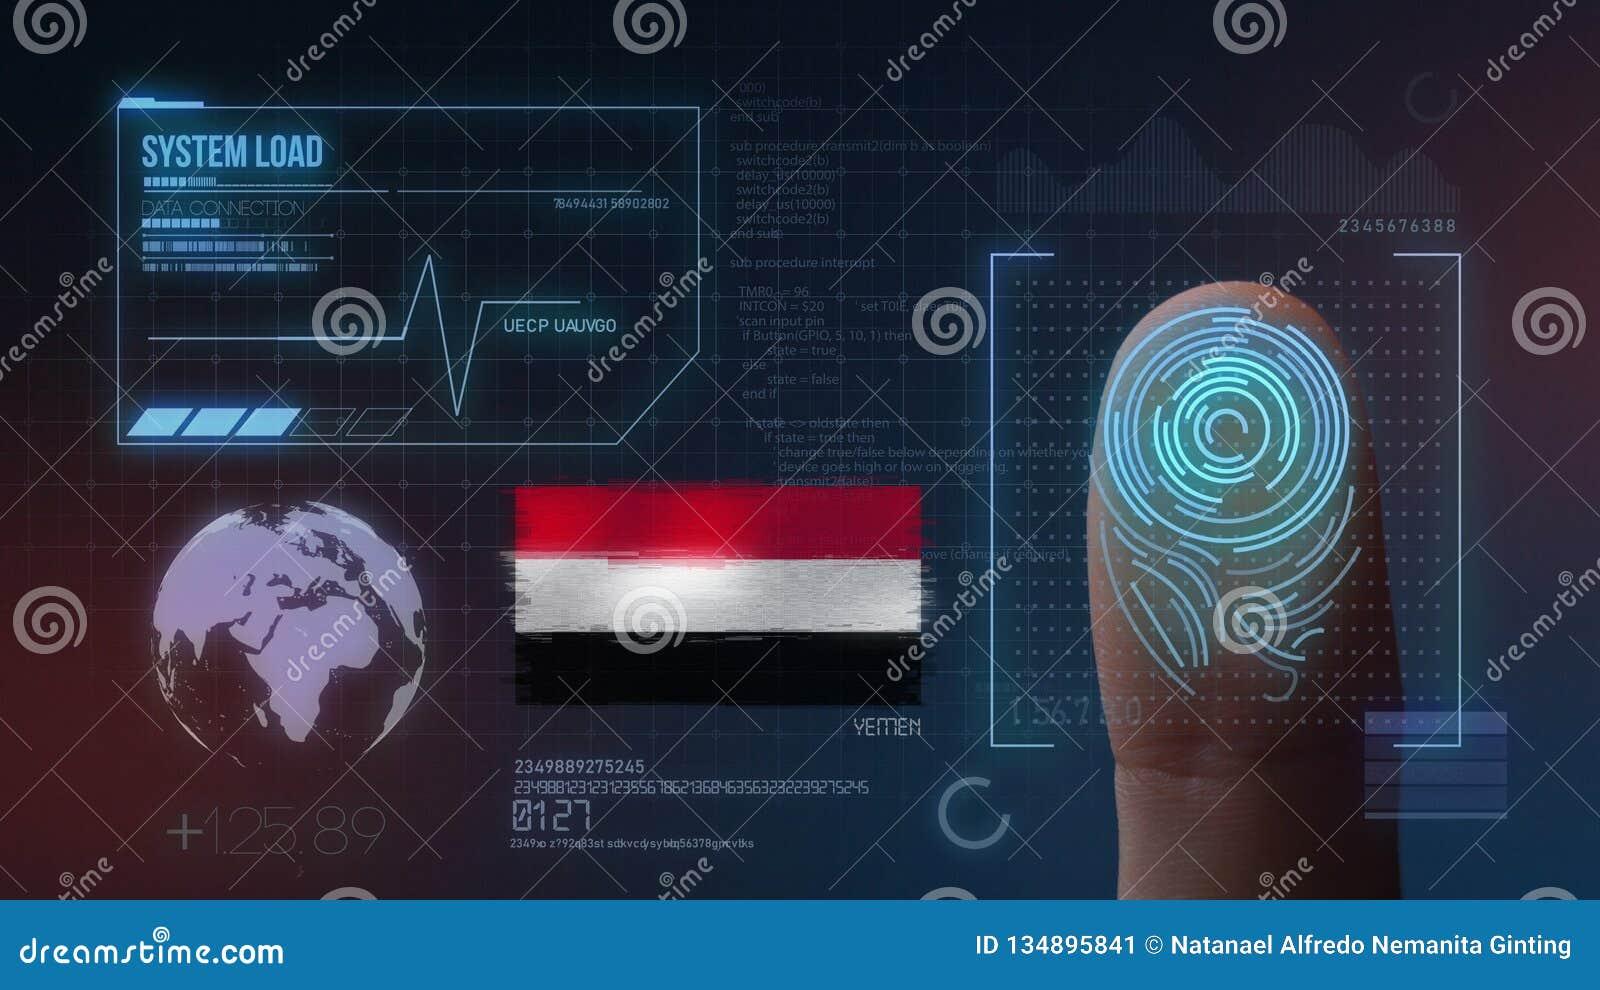 指纹生物统计的扫描的鉴定系统 也门国籍